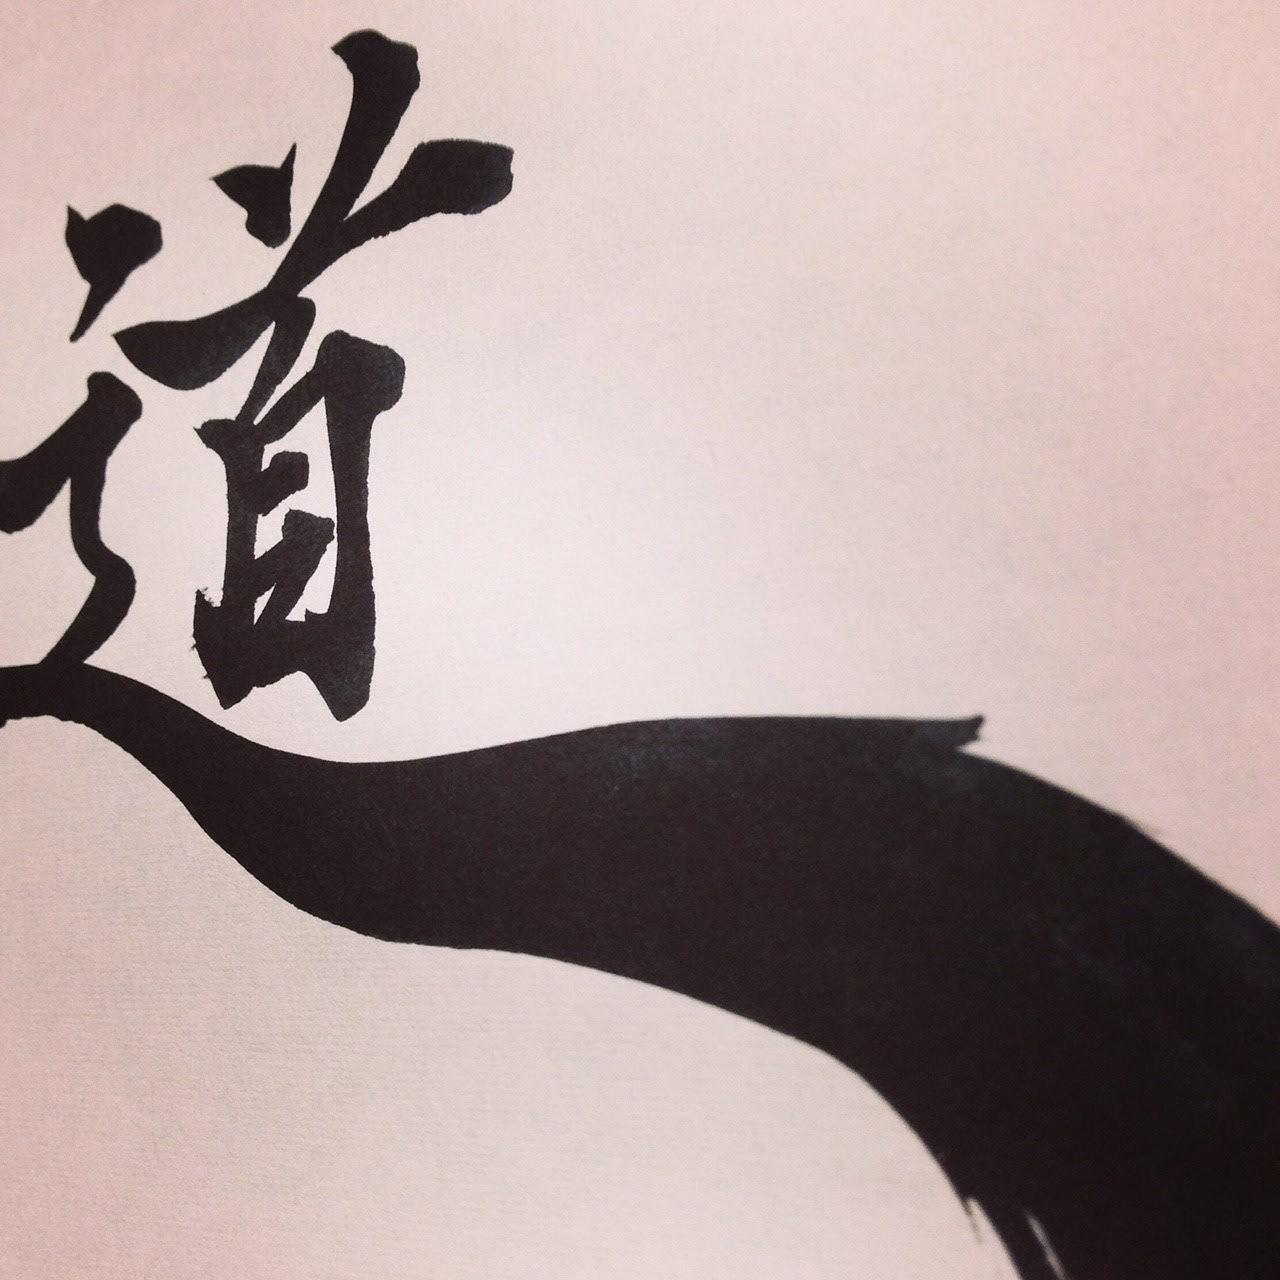 аронова, иероглиф путь картинка приматывают приклеивают основной